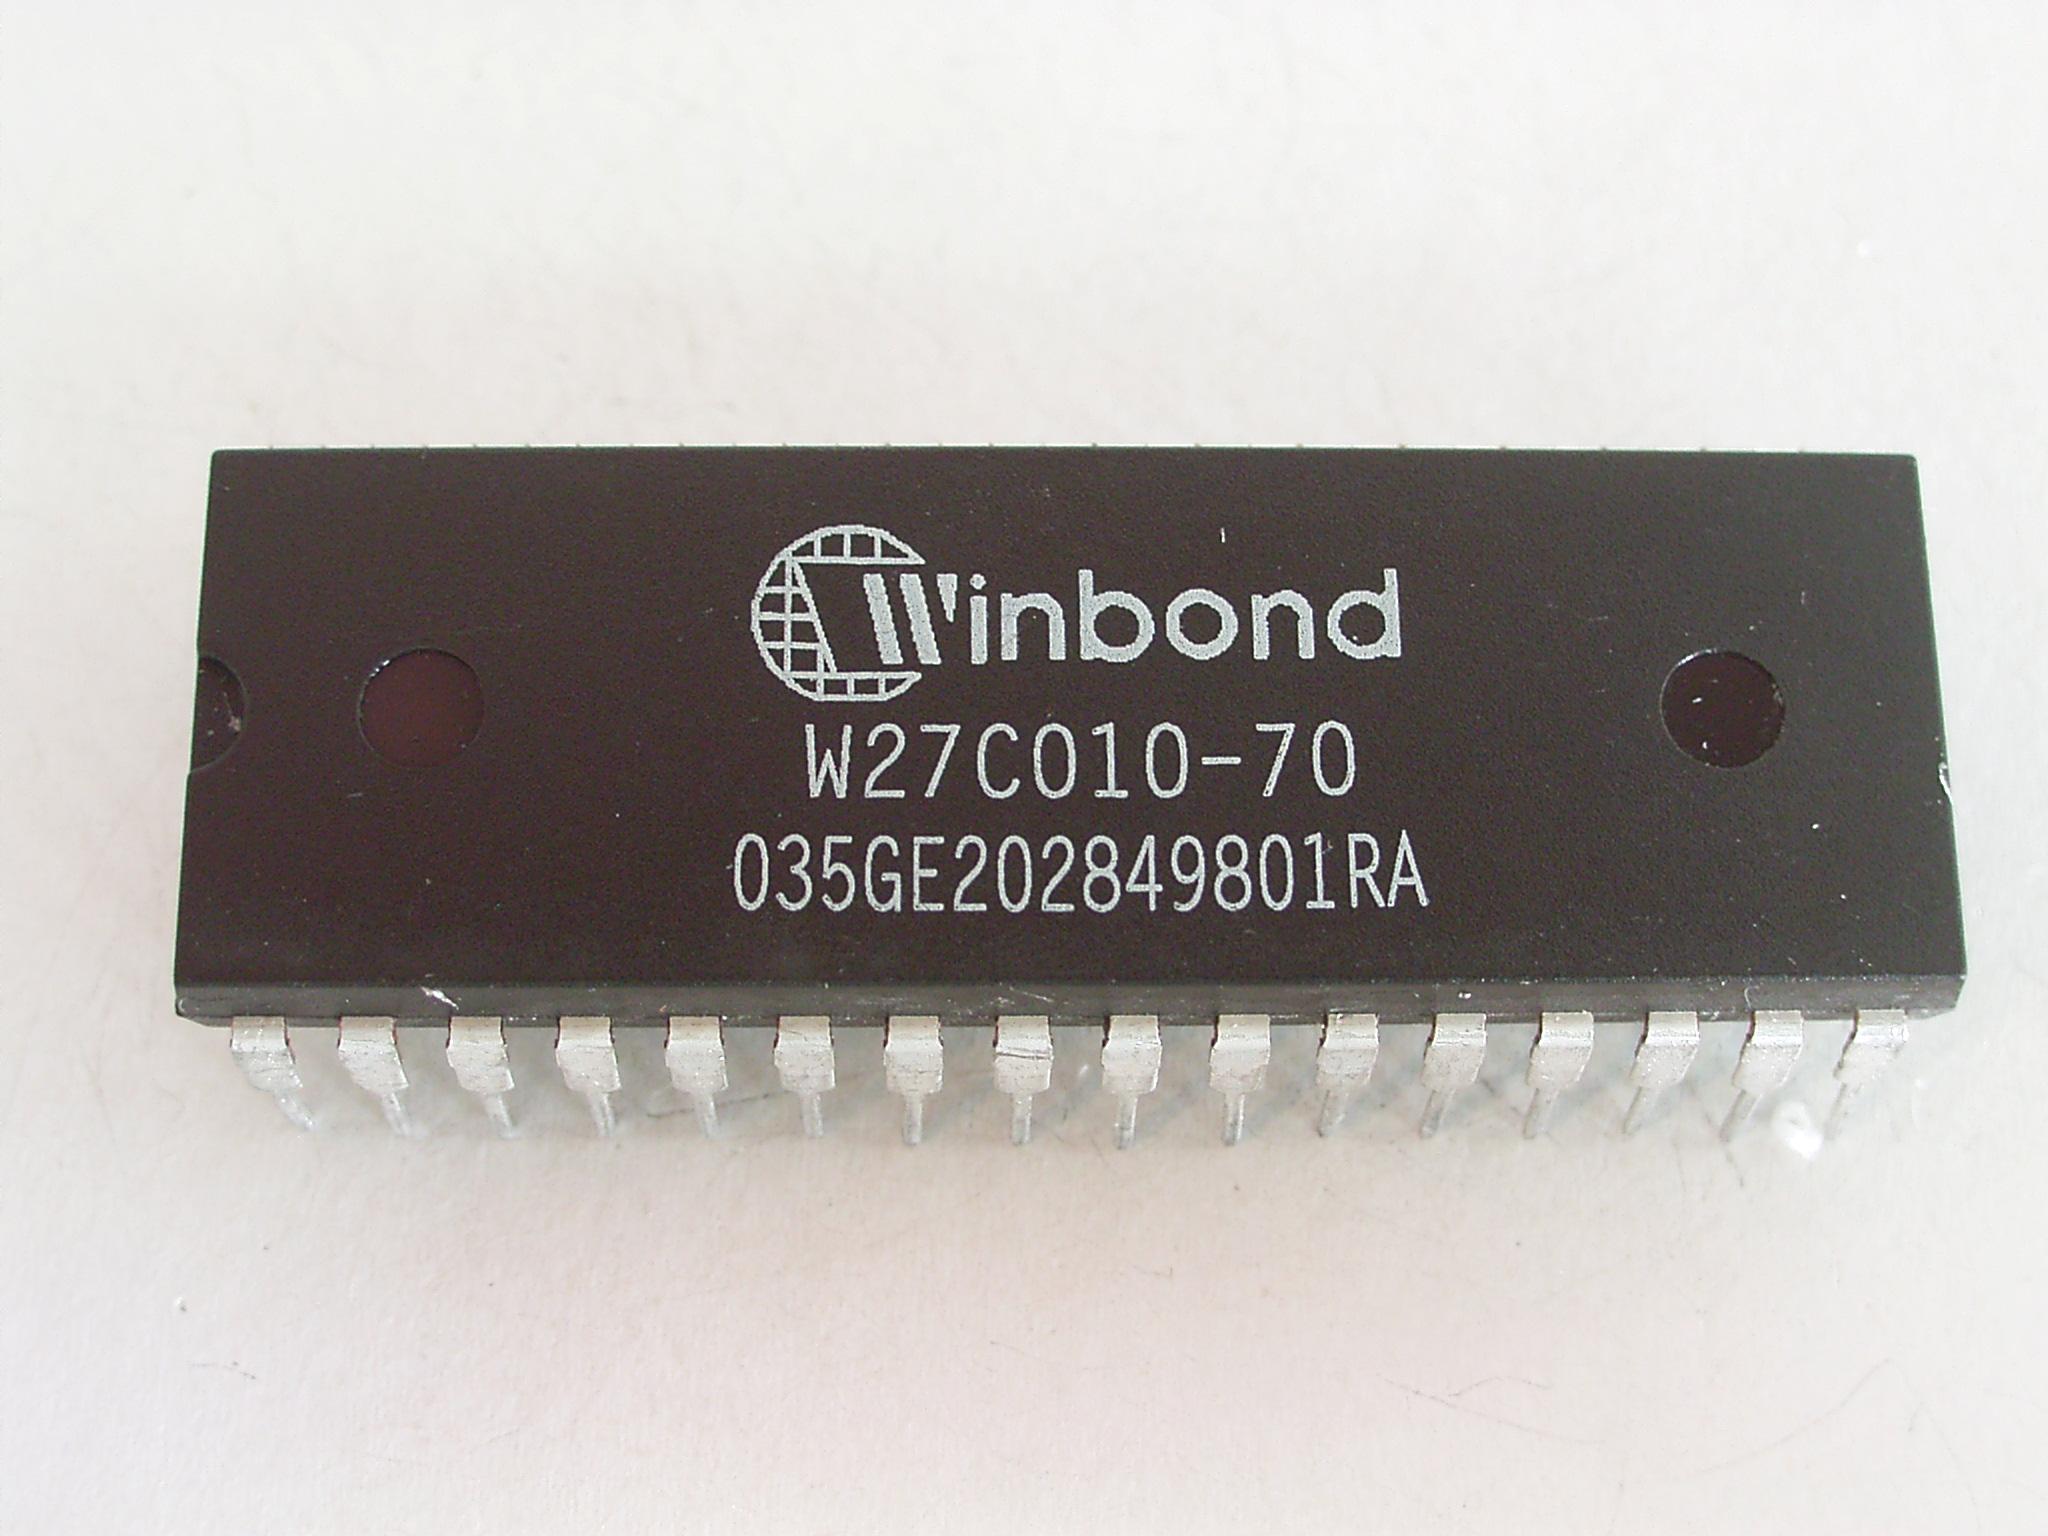 W27C010 EPROM 1Mbit(128KB) DIP32